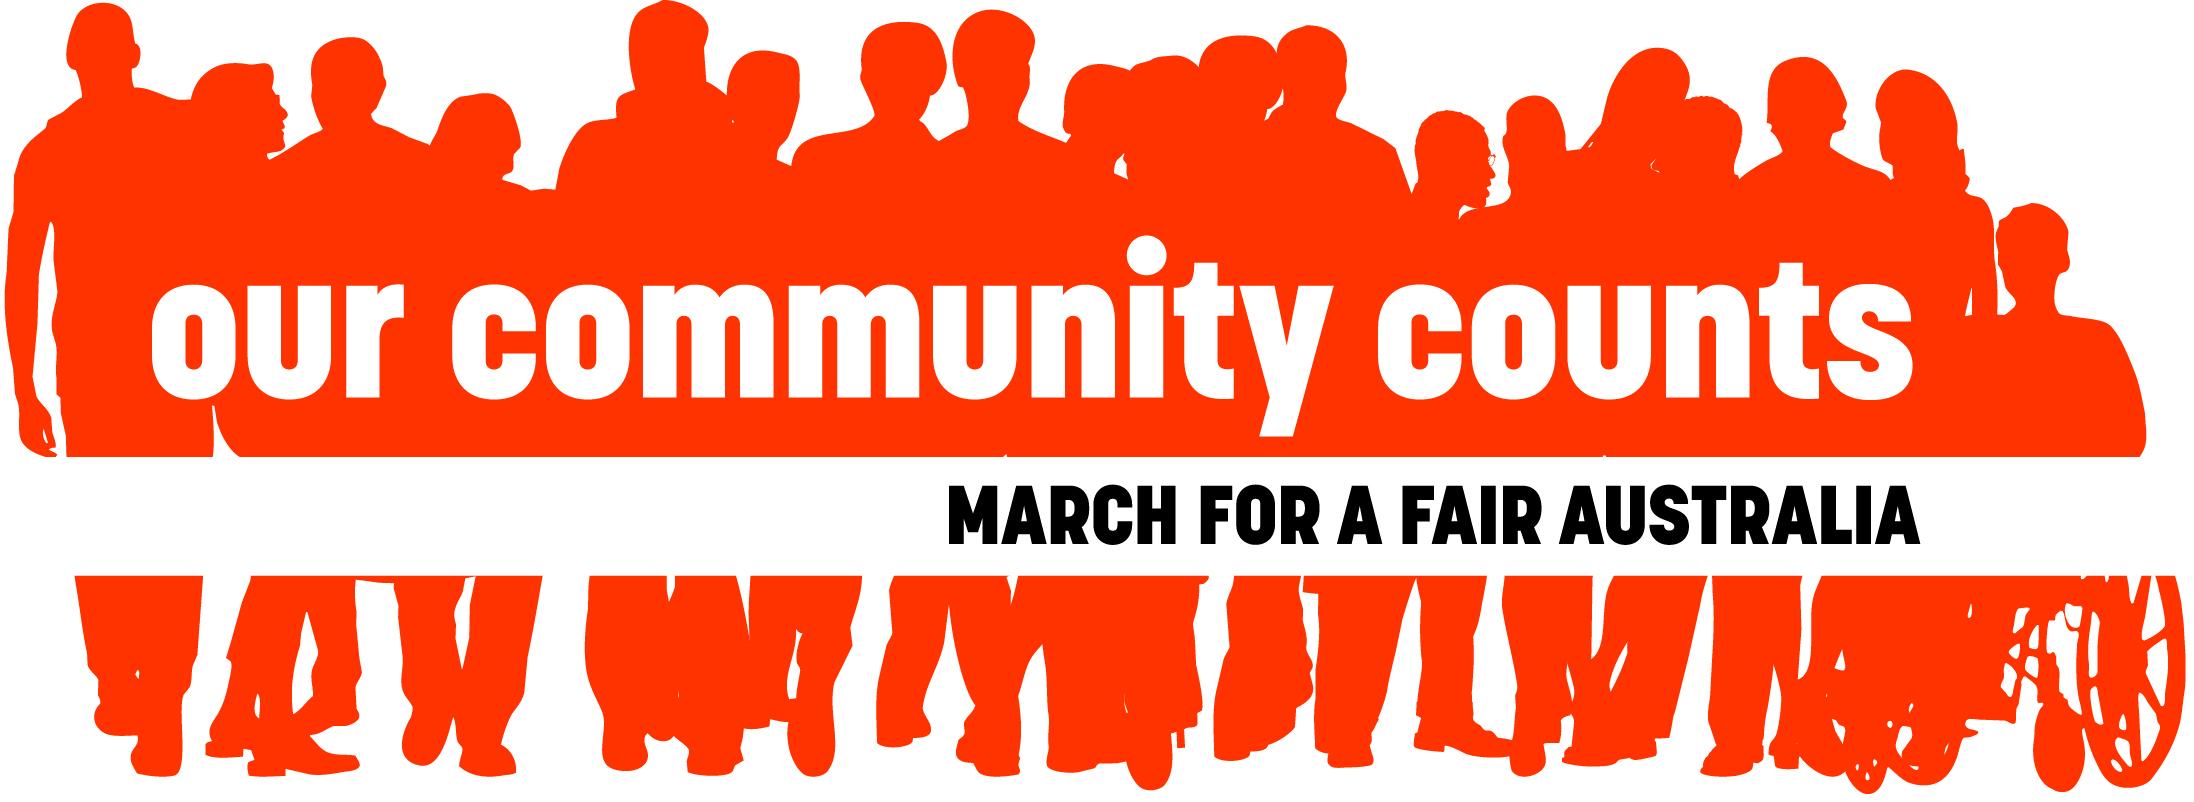 ourcommunitycounts.jpg